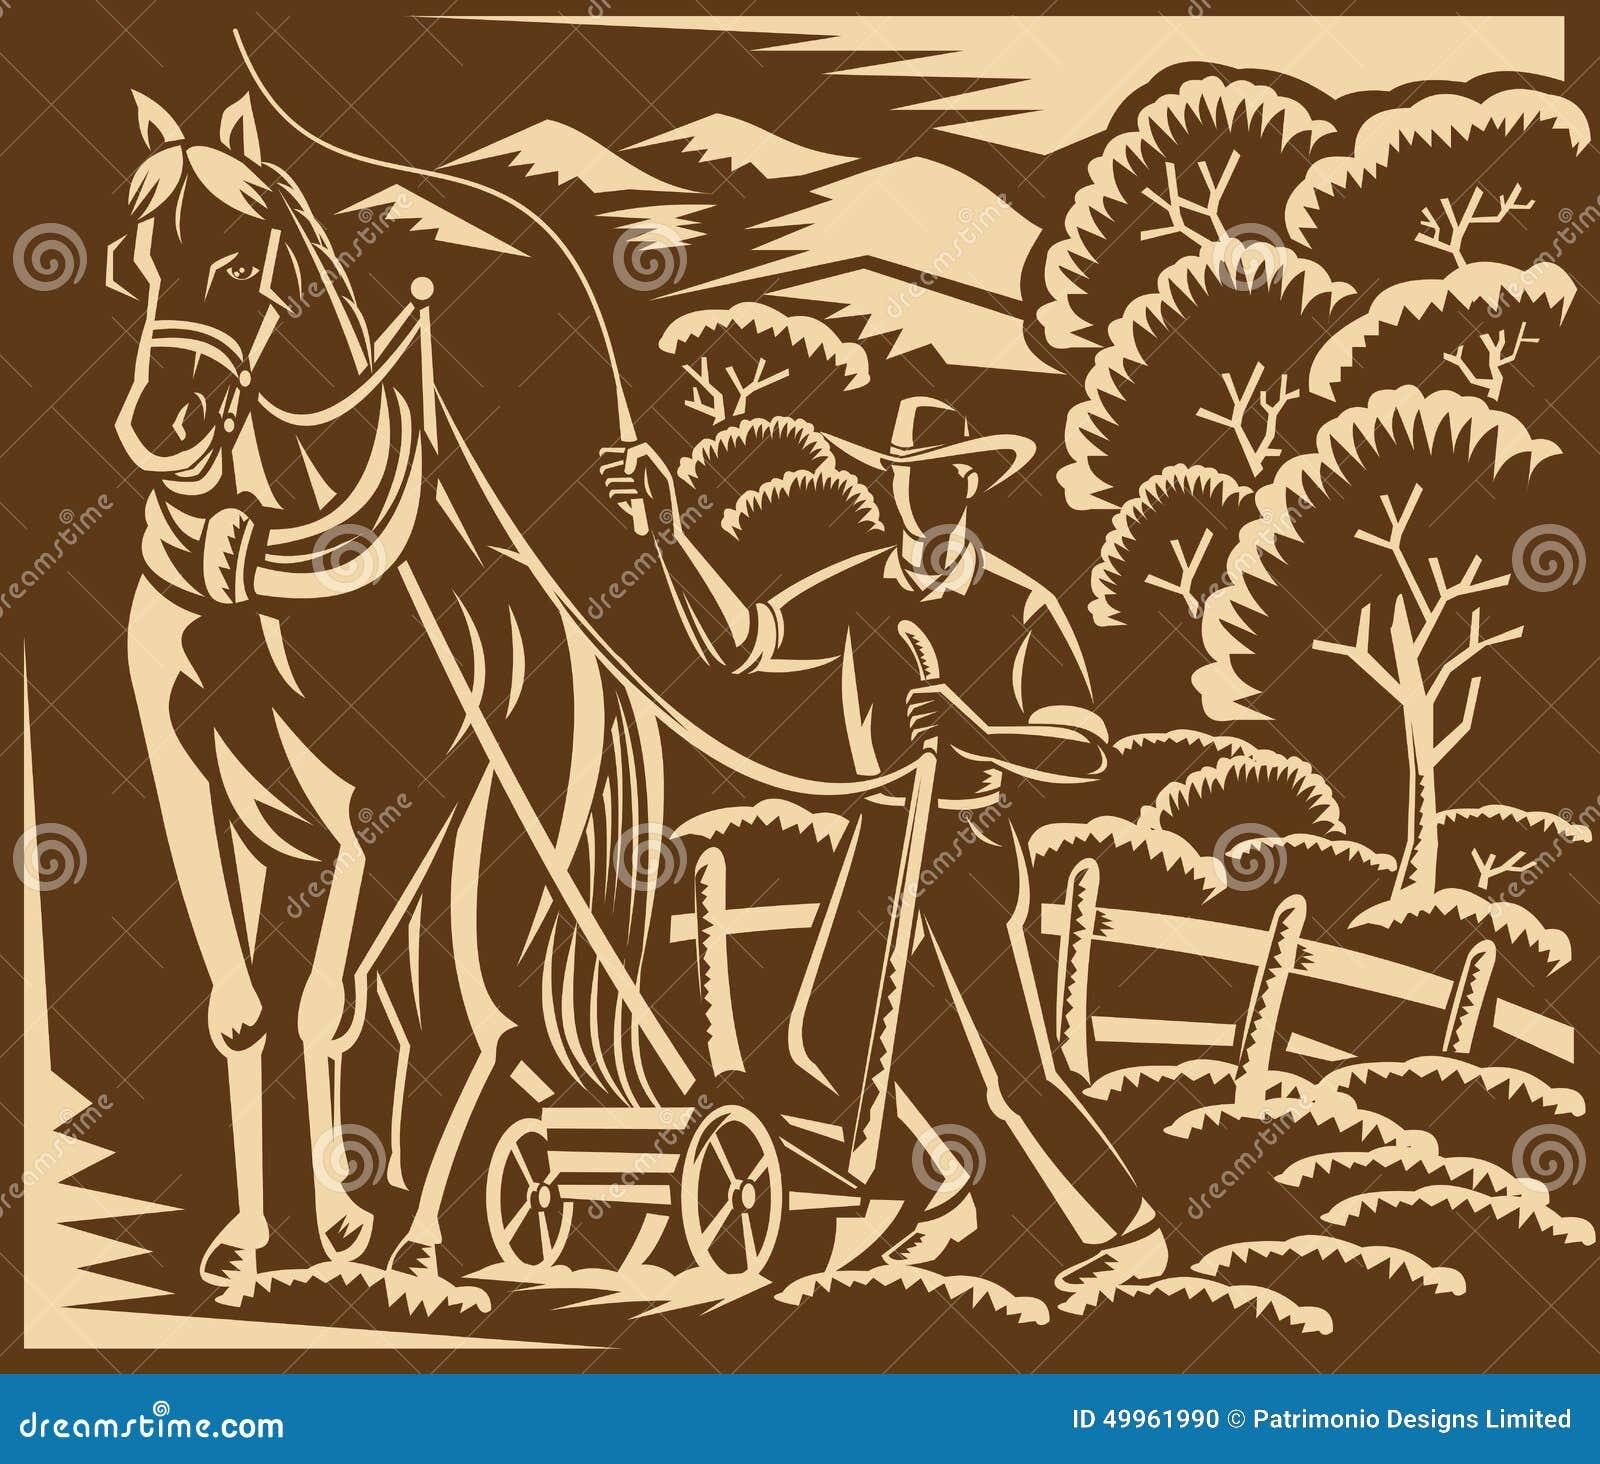 gravure sur bois en cheval de ferme de farming plowing. Black Bedroom Furniture Sets. Home Design Ideas